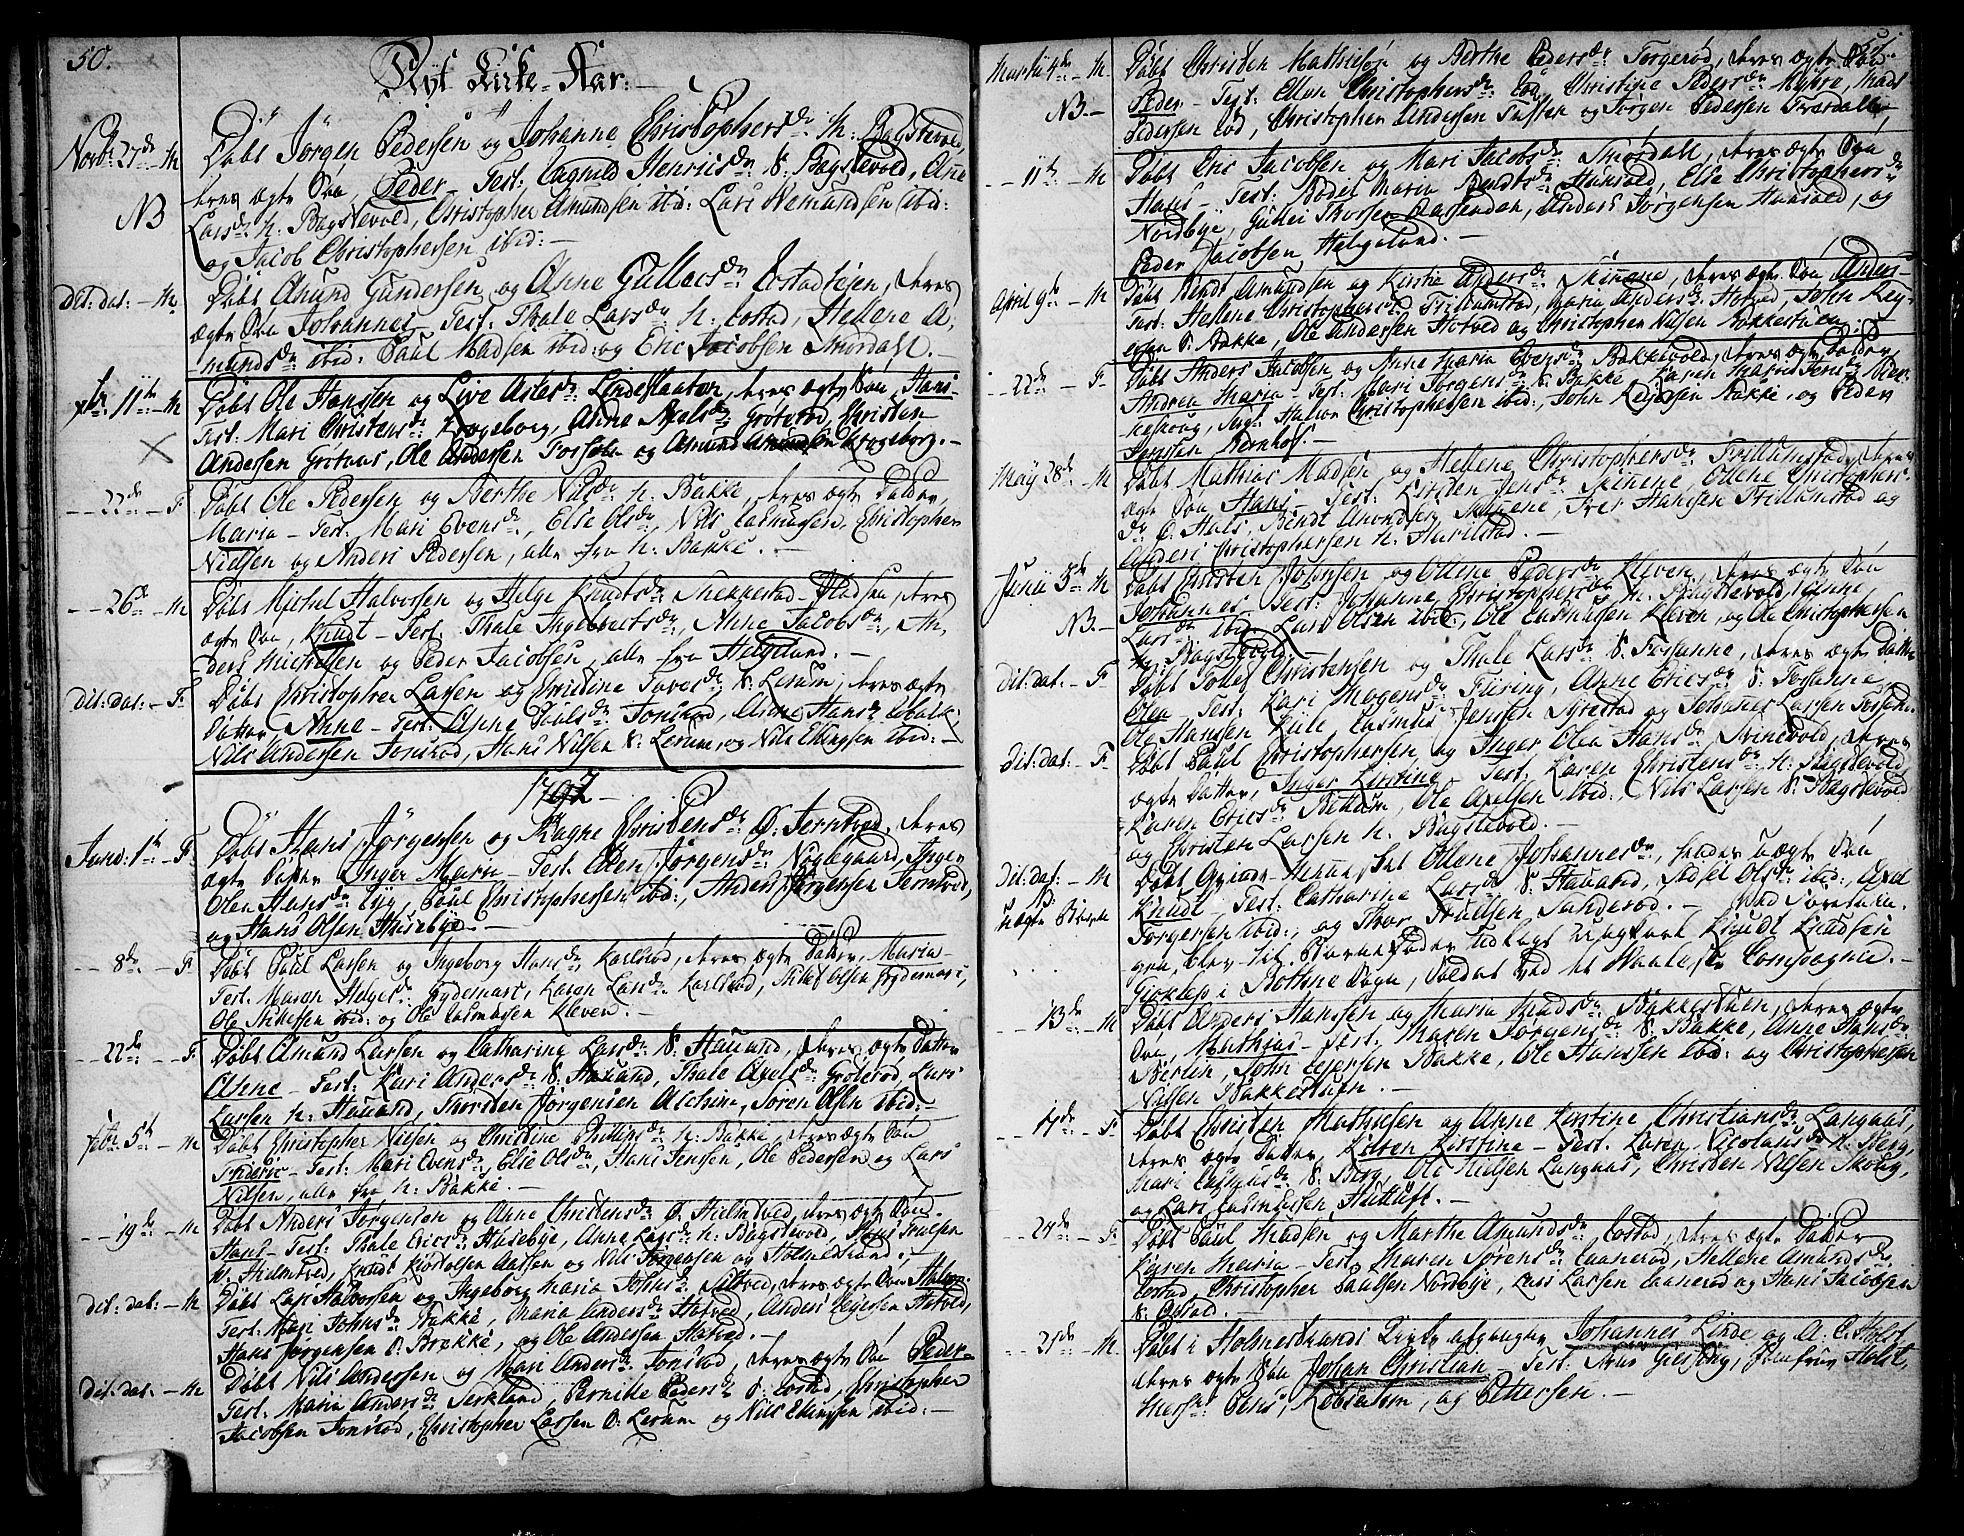 SAKO, Våle kirkebøker, F/Fa/L0005: Ministerialbok nr. I 5, 1773-1808, s. 50-51